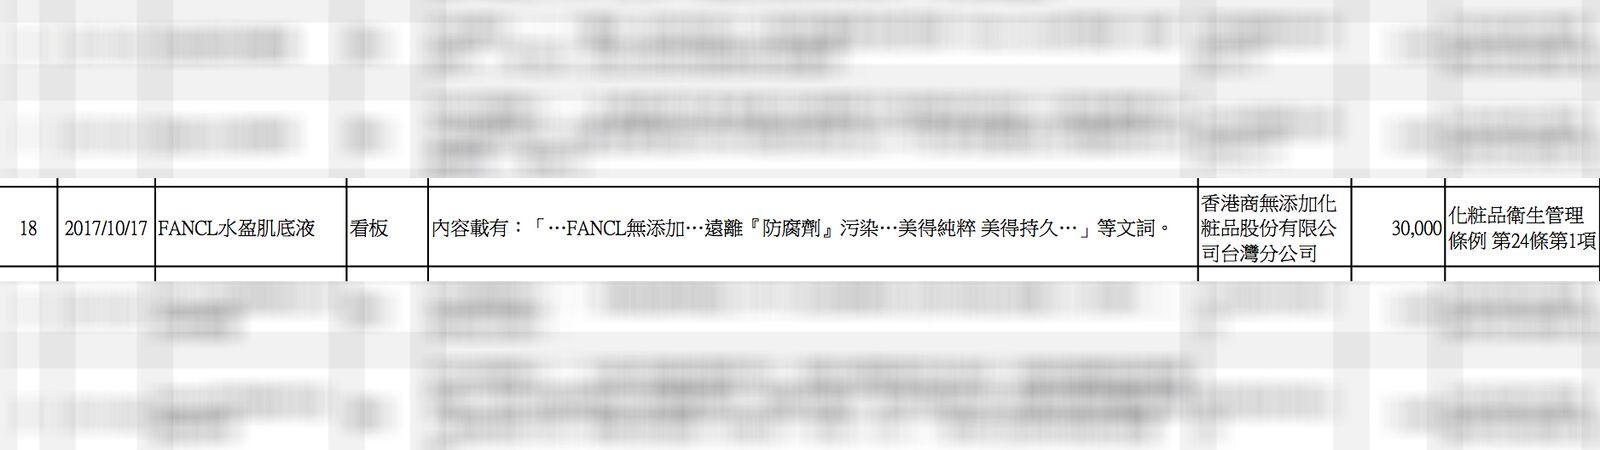 台北市衛生局2017年10月份處理化粧品違規廣告處罰案件